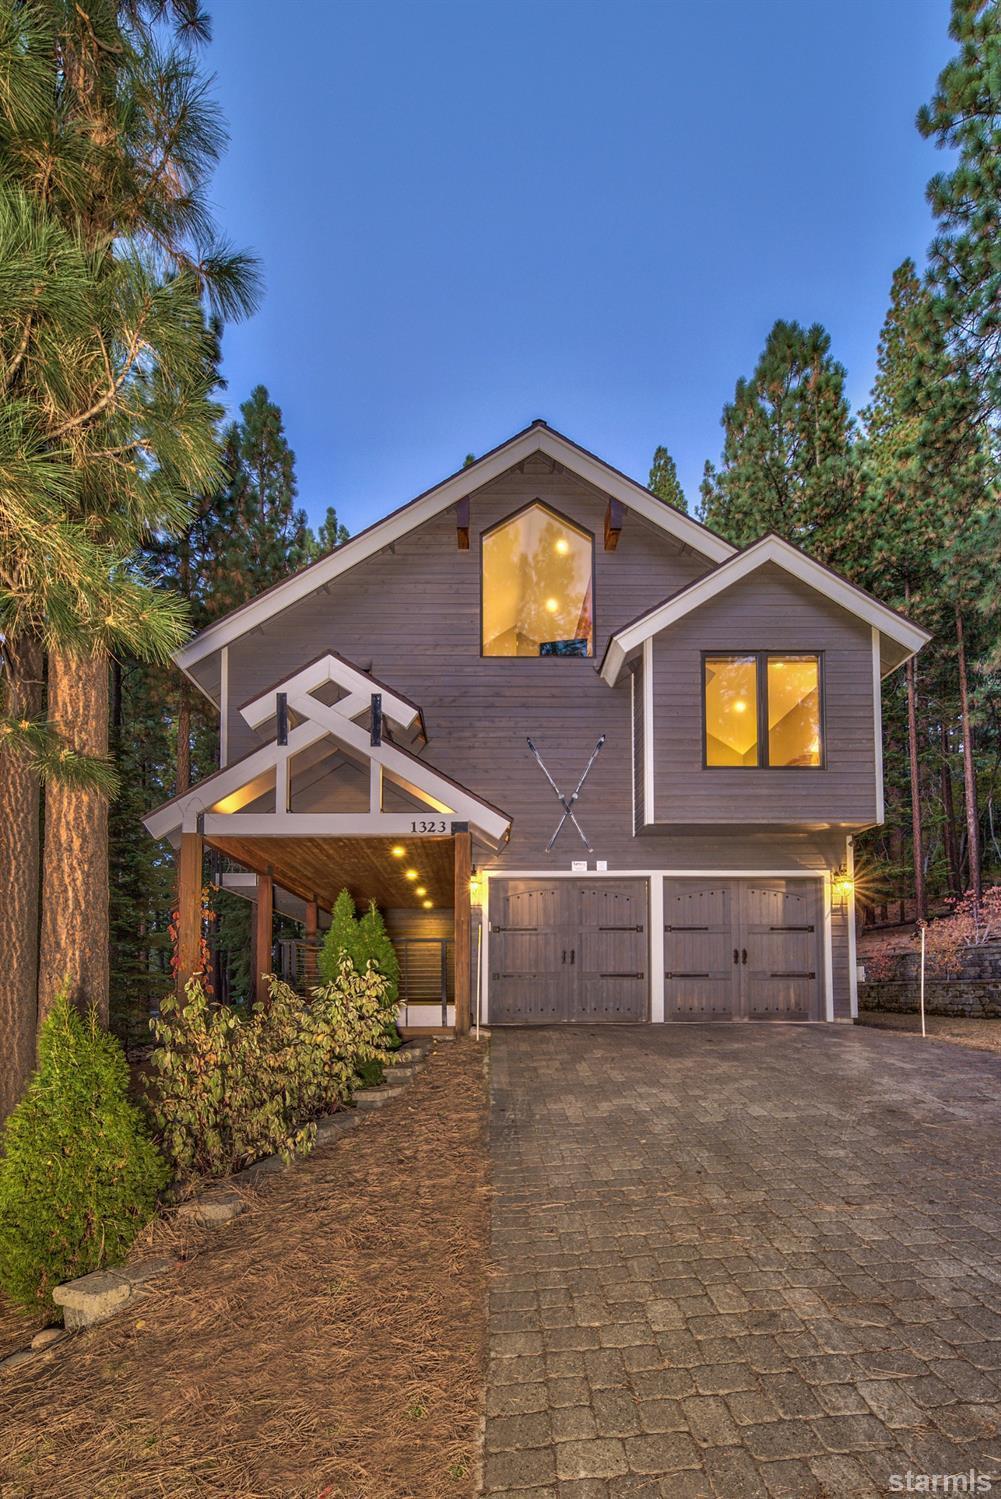 Image for 1323 Keller Road, South Lake Tahoe, CA 96150